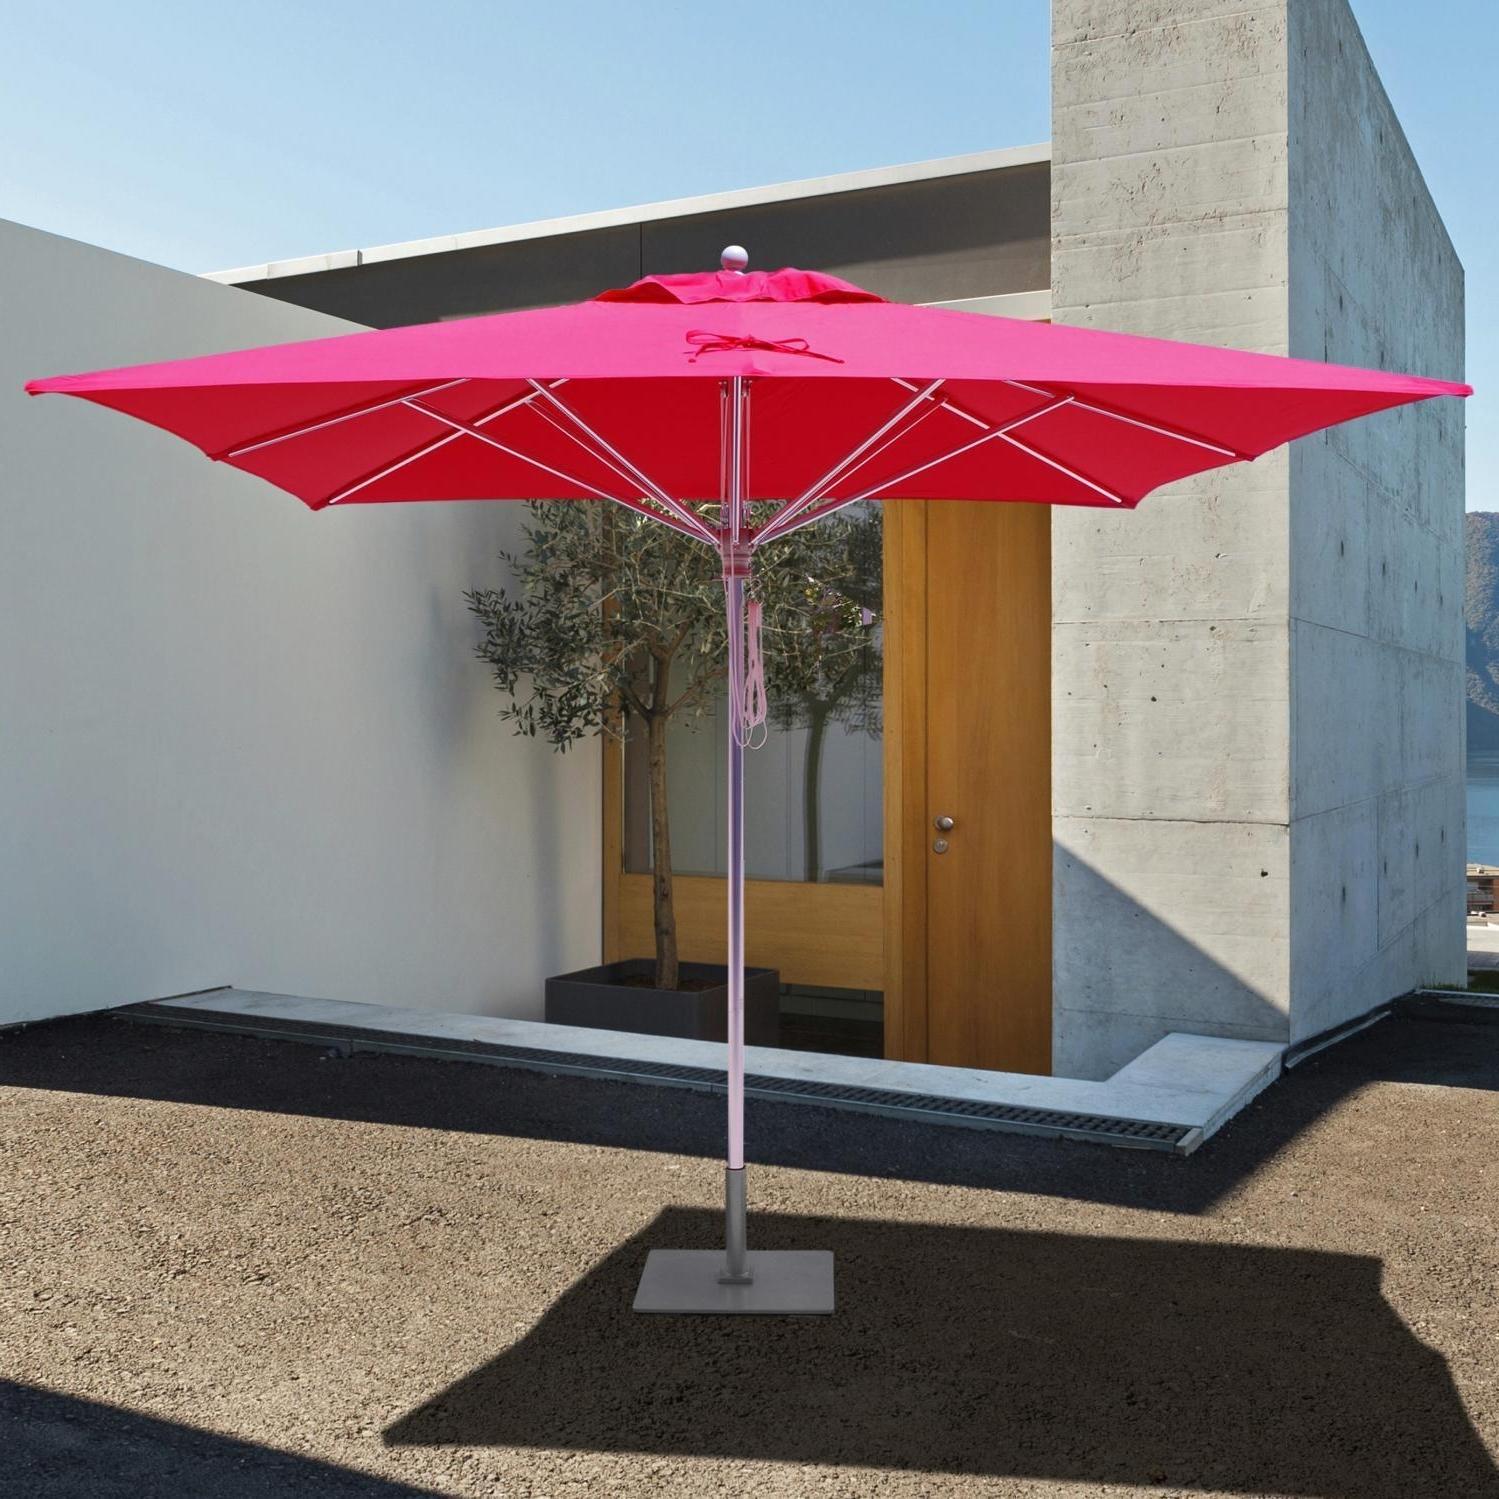 Galtech Sr Series 10 Ft Square Aluminum Commercial Patio Umbrella Pertaining To Favorite Square Patio Umbrellas (Gallery 7 of 20)